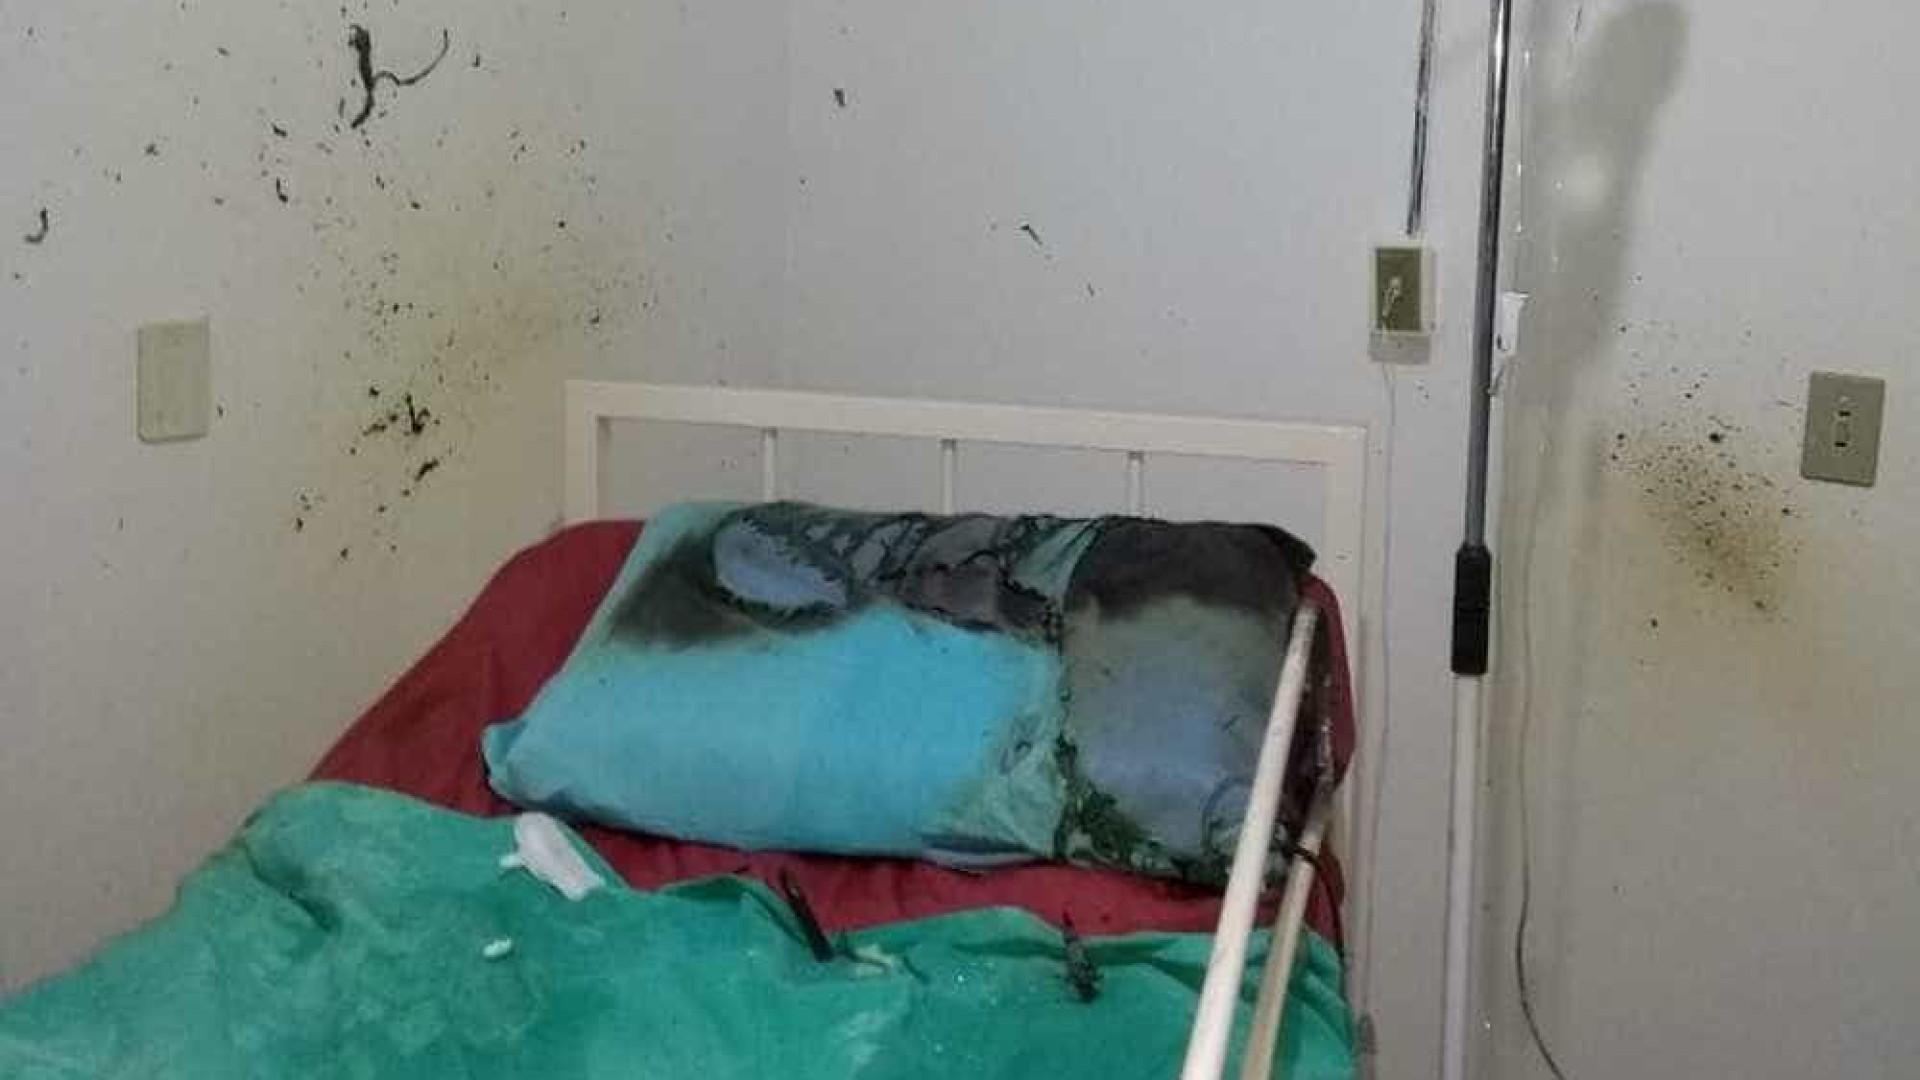 Cilindro de oxigênio explode e paciente fica ferido em hospital no PR